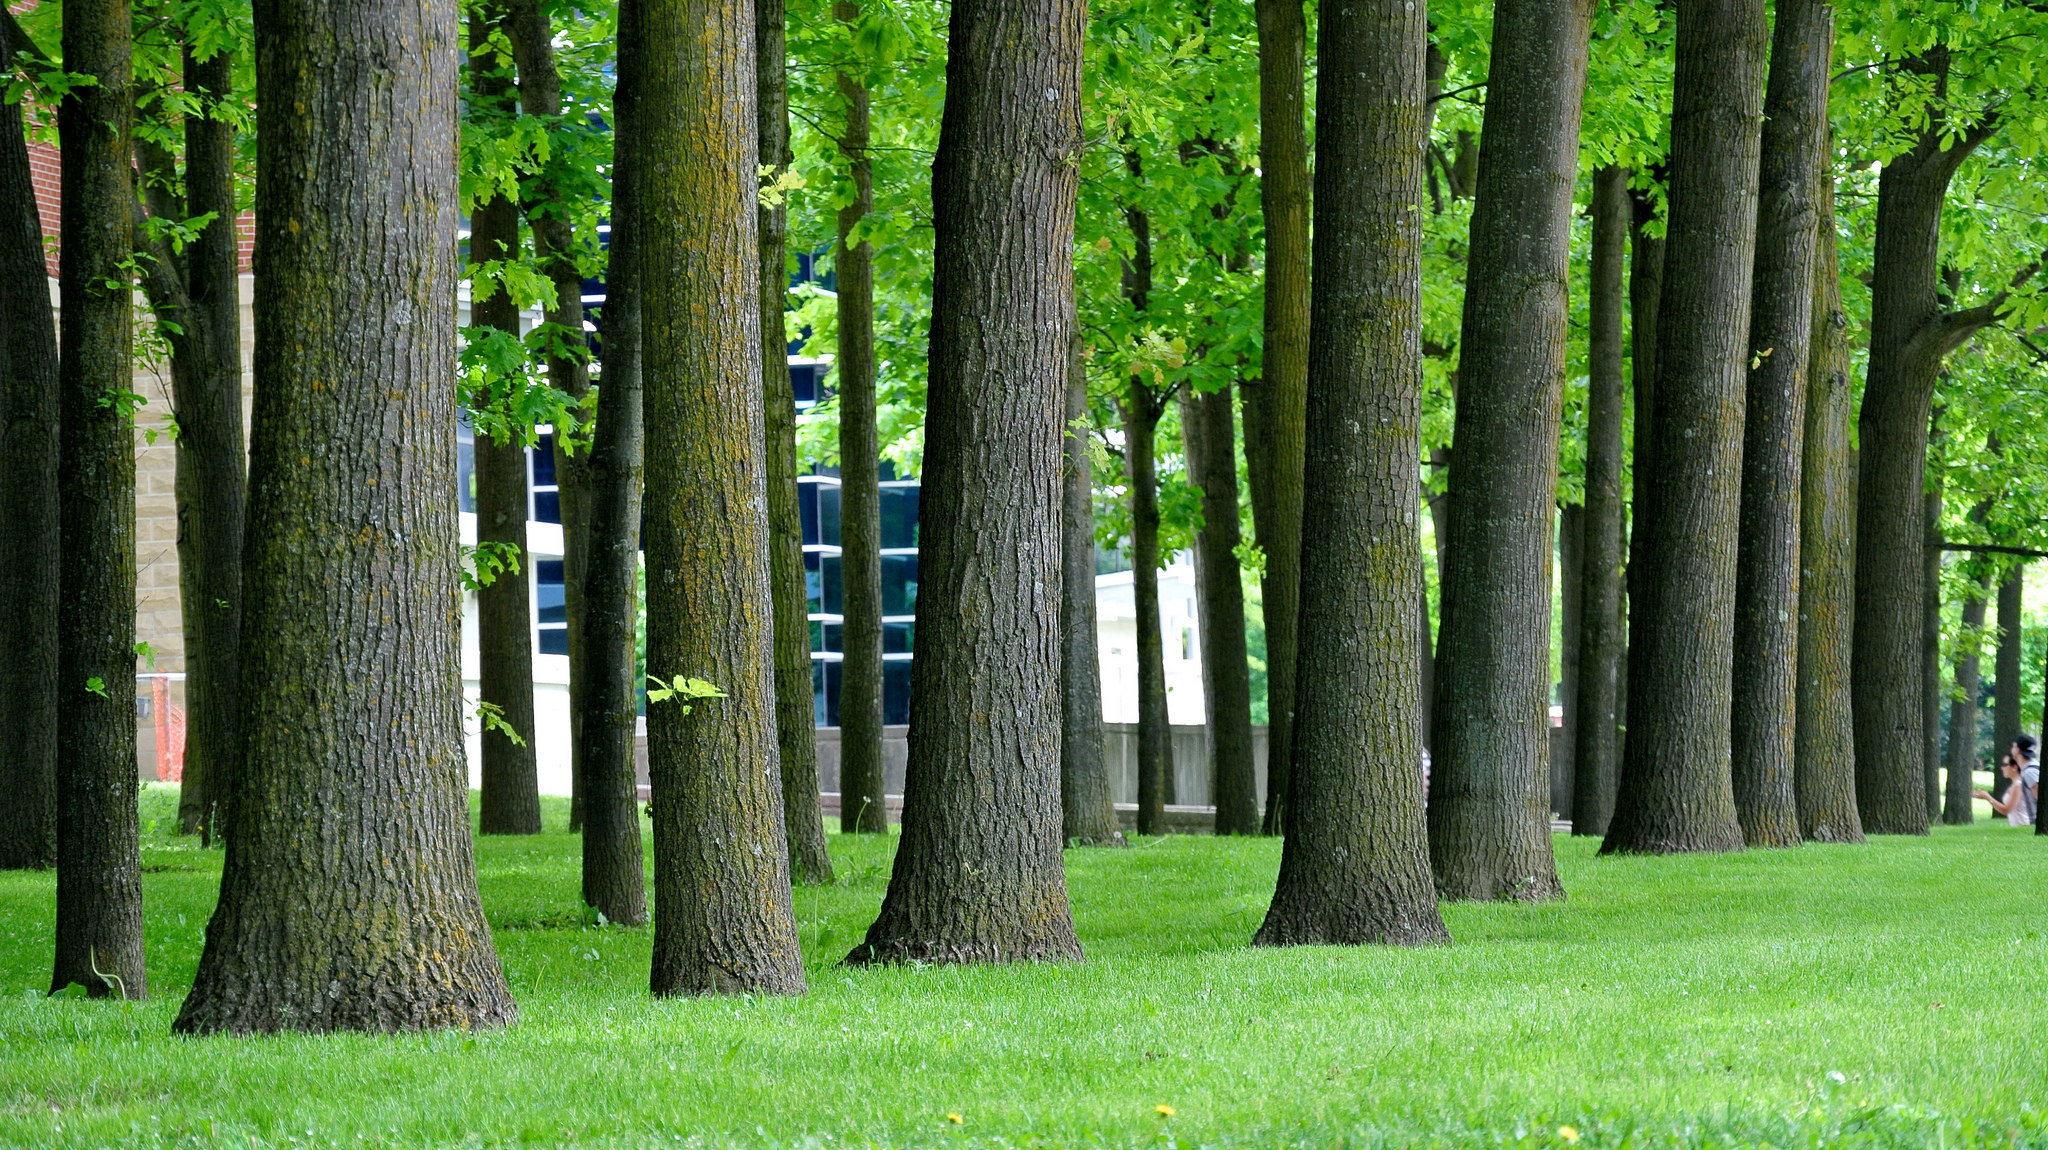 Antrag: Erlass einer Baumschutzverordnung